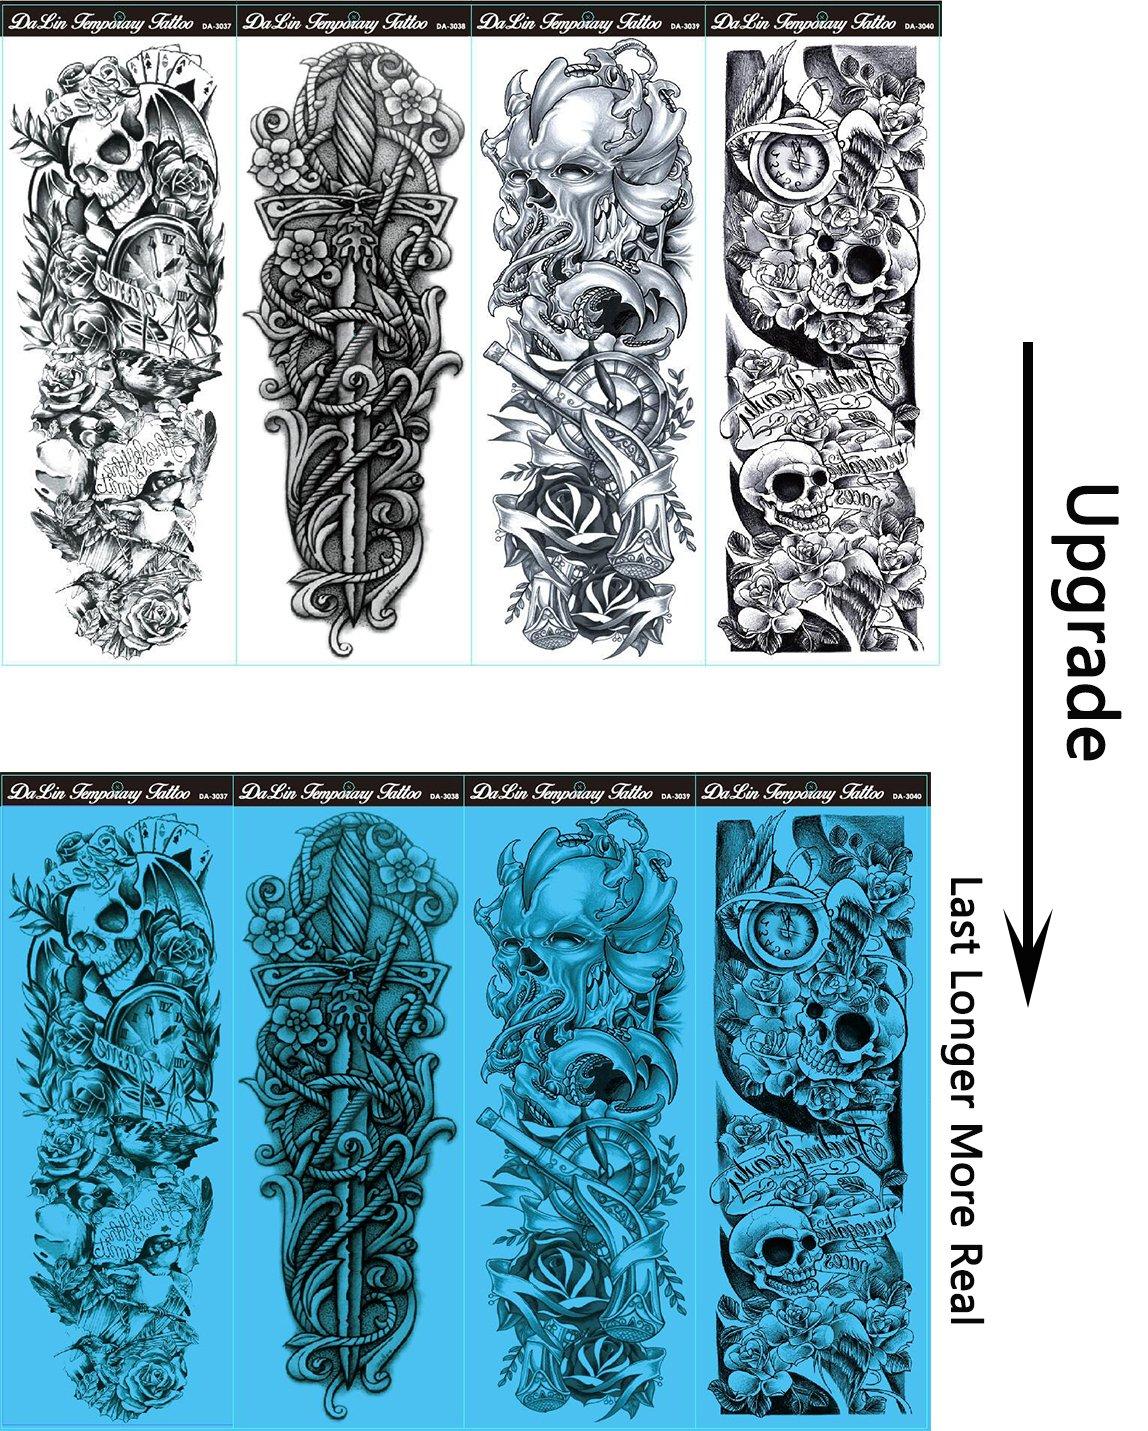 Amazoncom Dalin 4 Sheets Extra Large Temporary Tattoos Full Arm